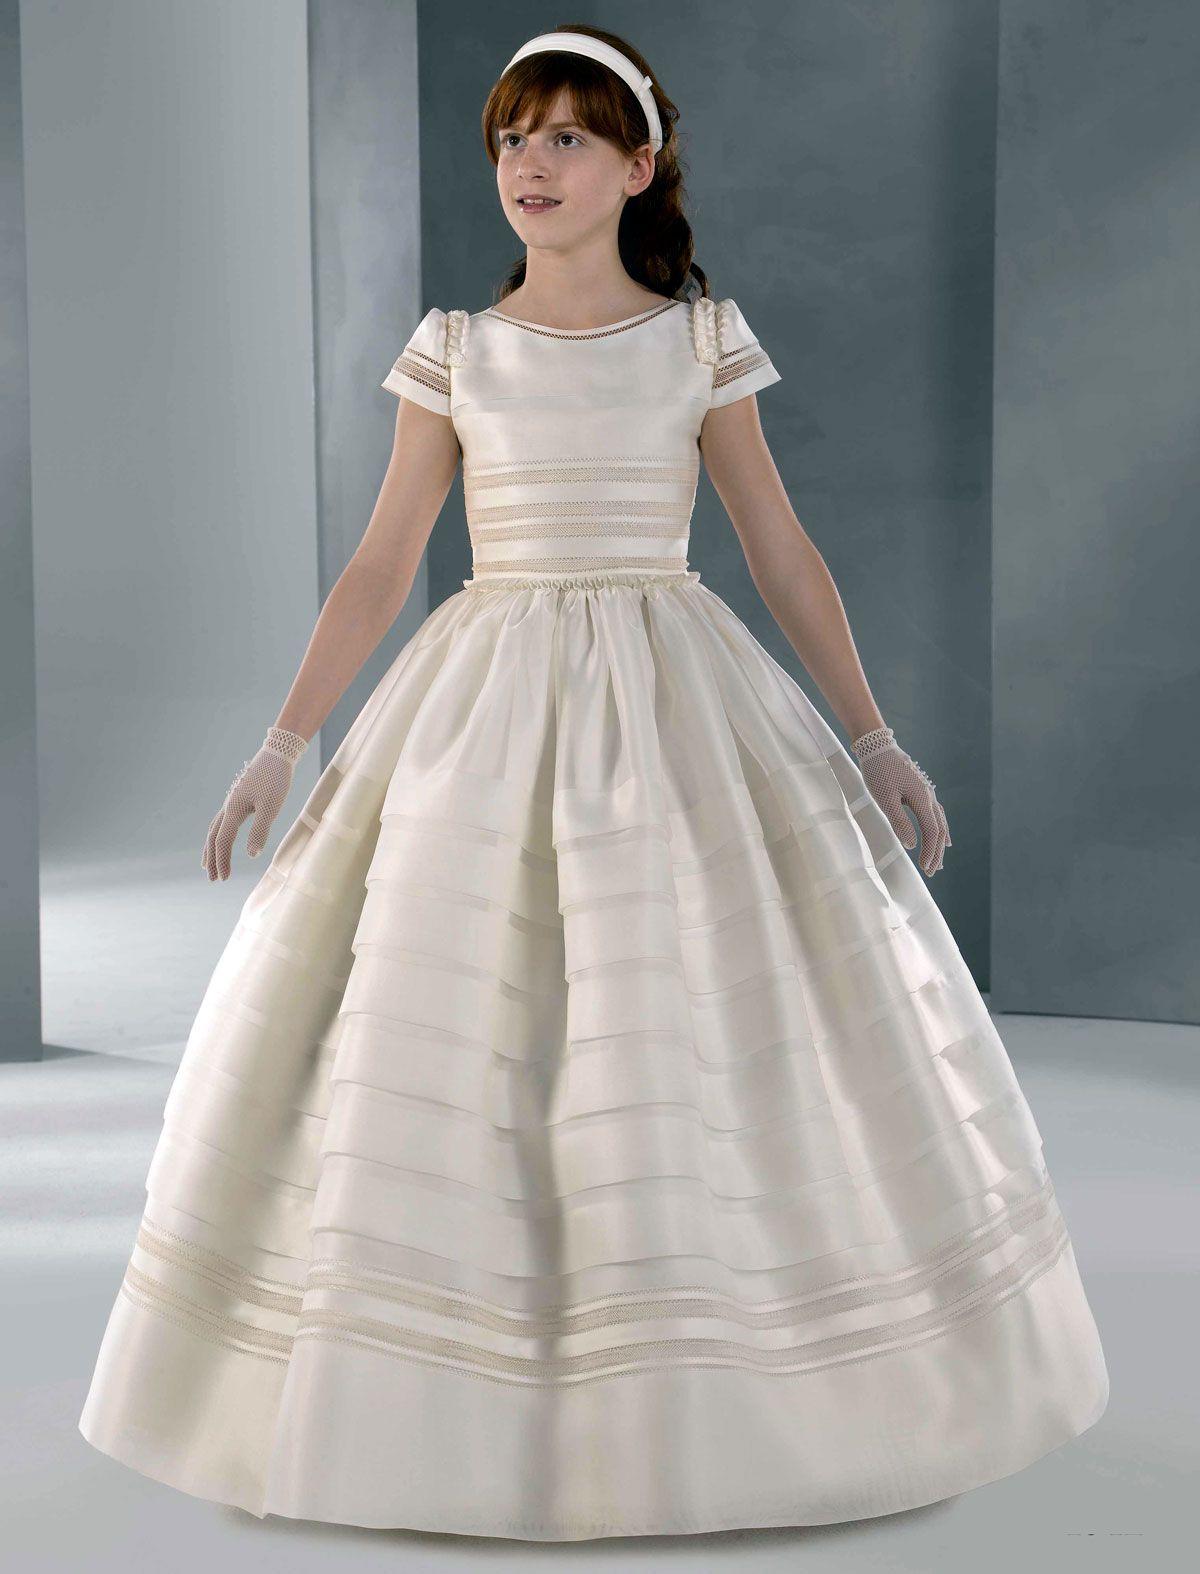 3c780472c56ff Vestidos de fiesta para damas y niñas  Vestidos de comunion ...